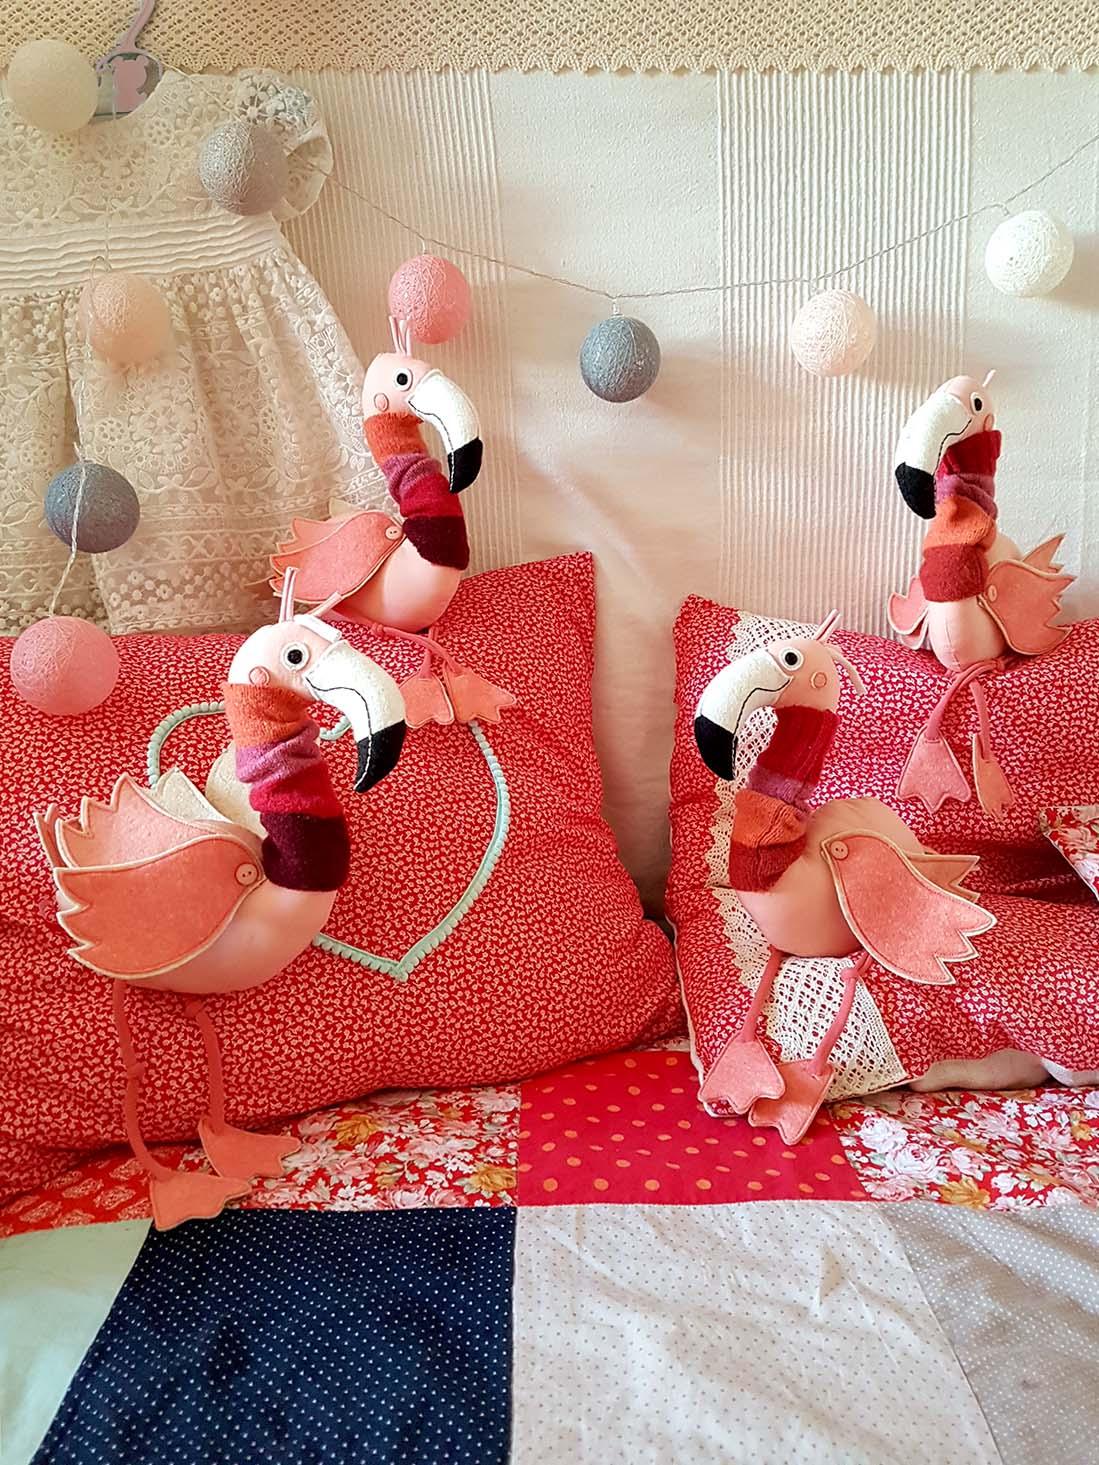 Miaszösz pályázat - Varrd magad! - flamingók